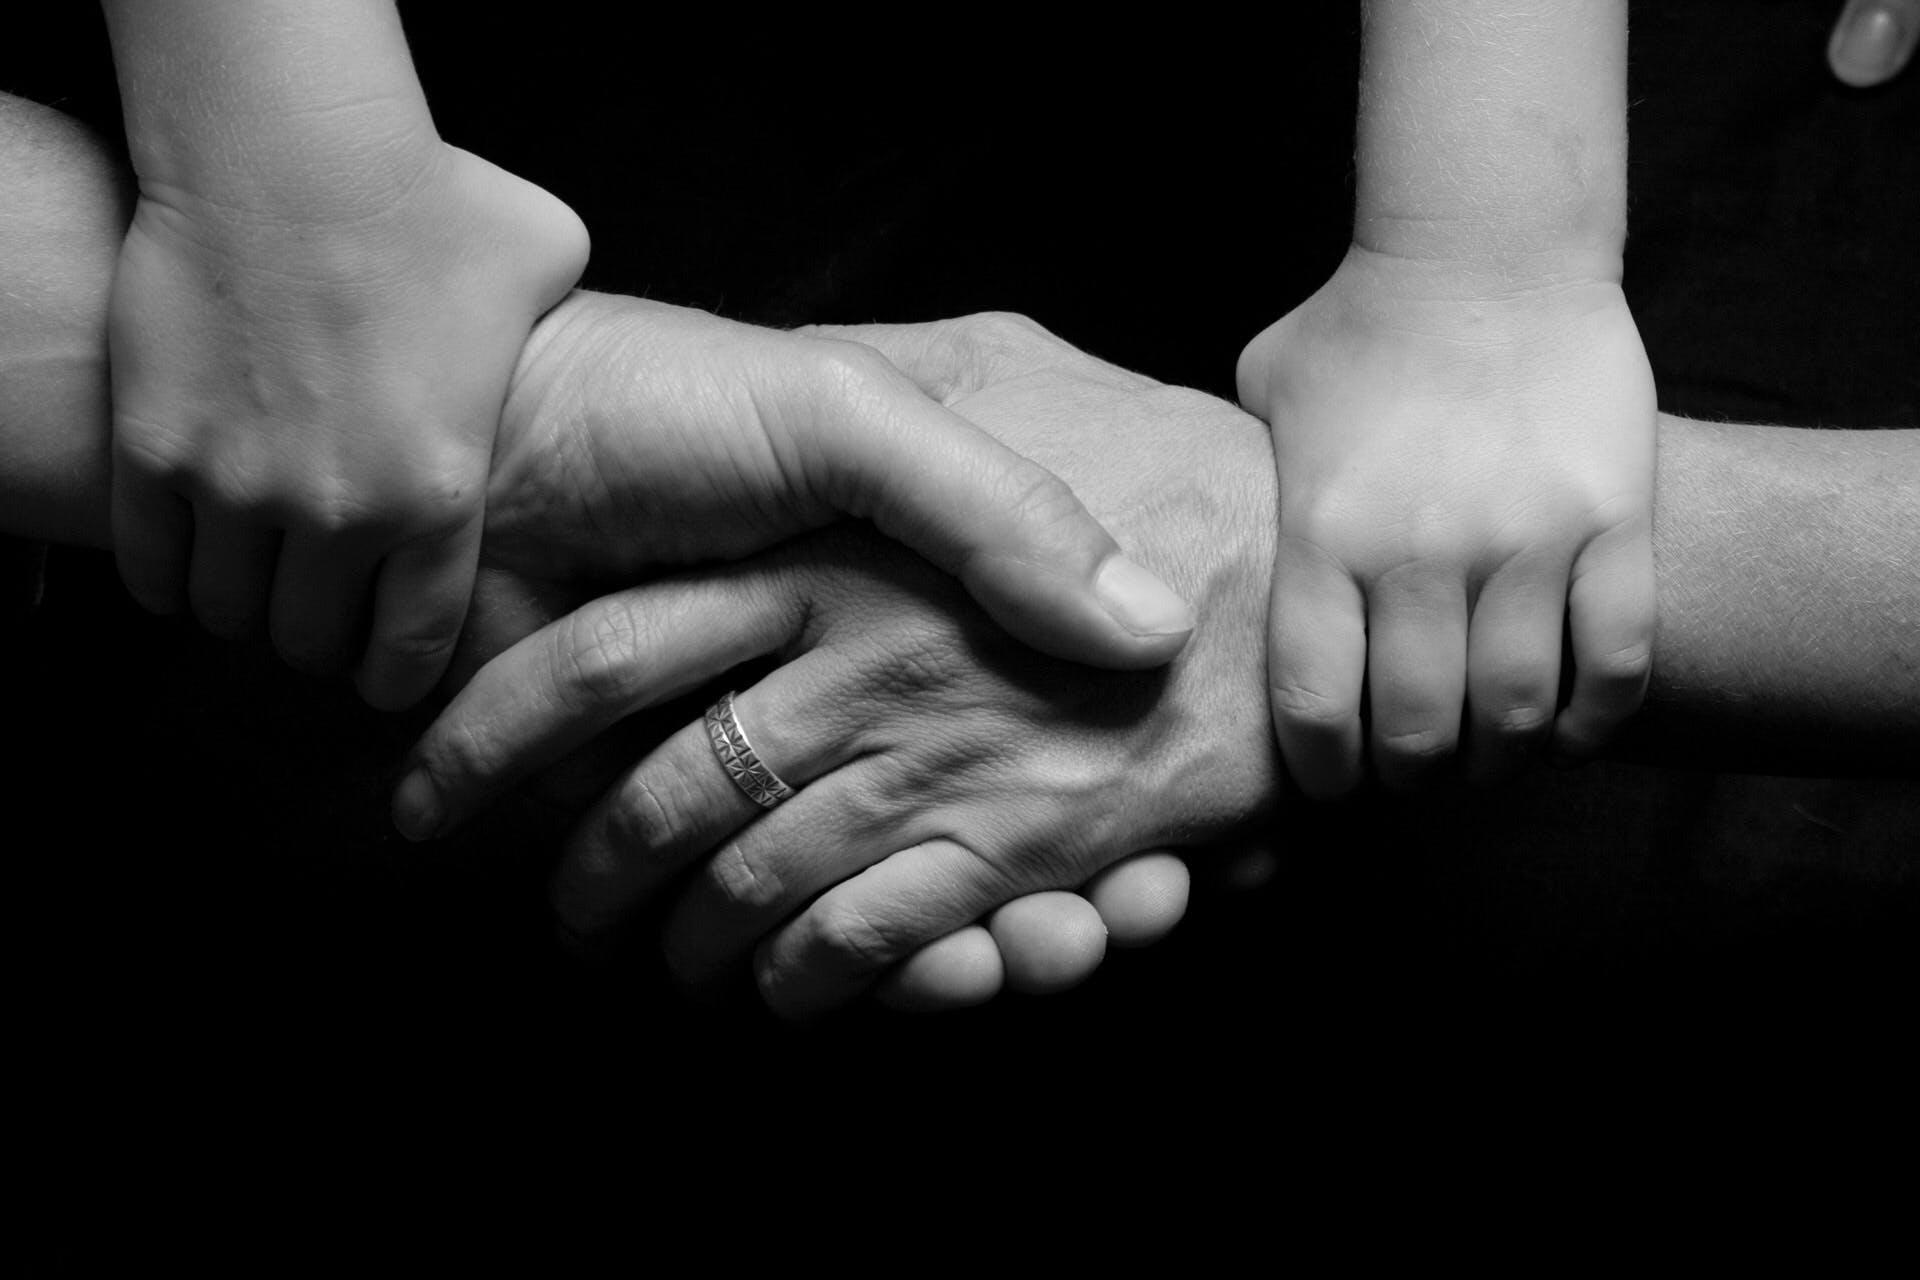 가족, 도움, 믿음, 부모의 무료 스톡 사진